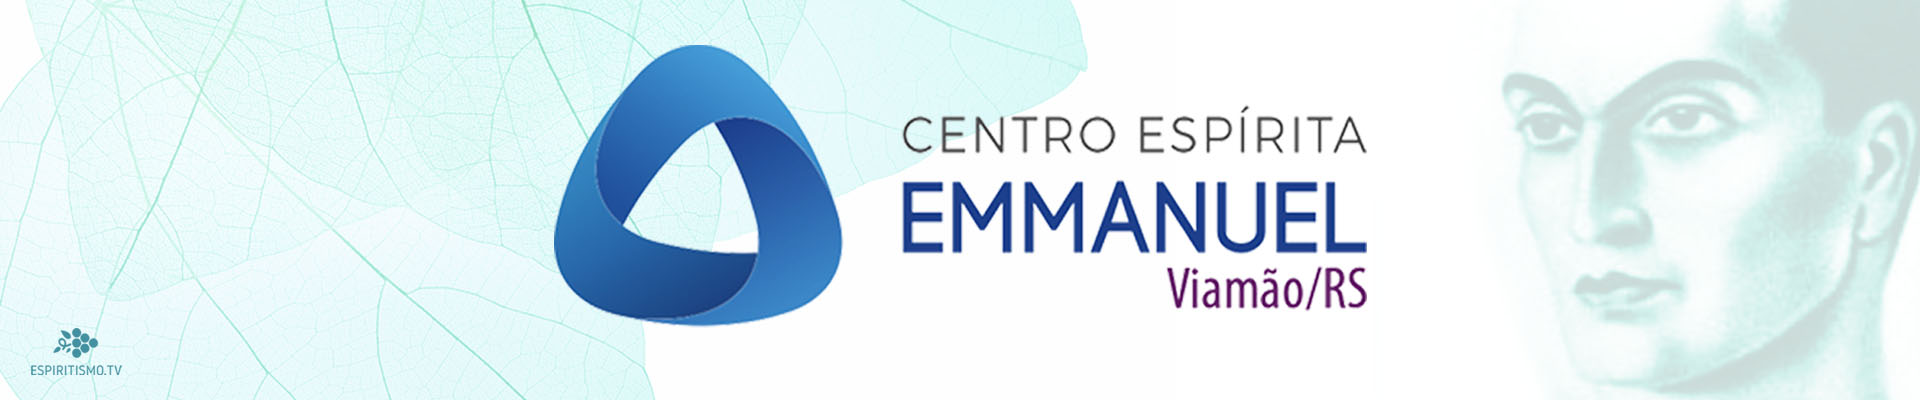 CENTRO ESPÍRITA EMMANUEL 1